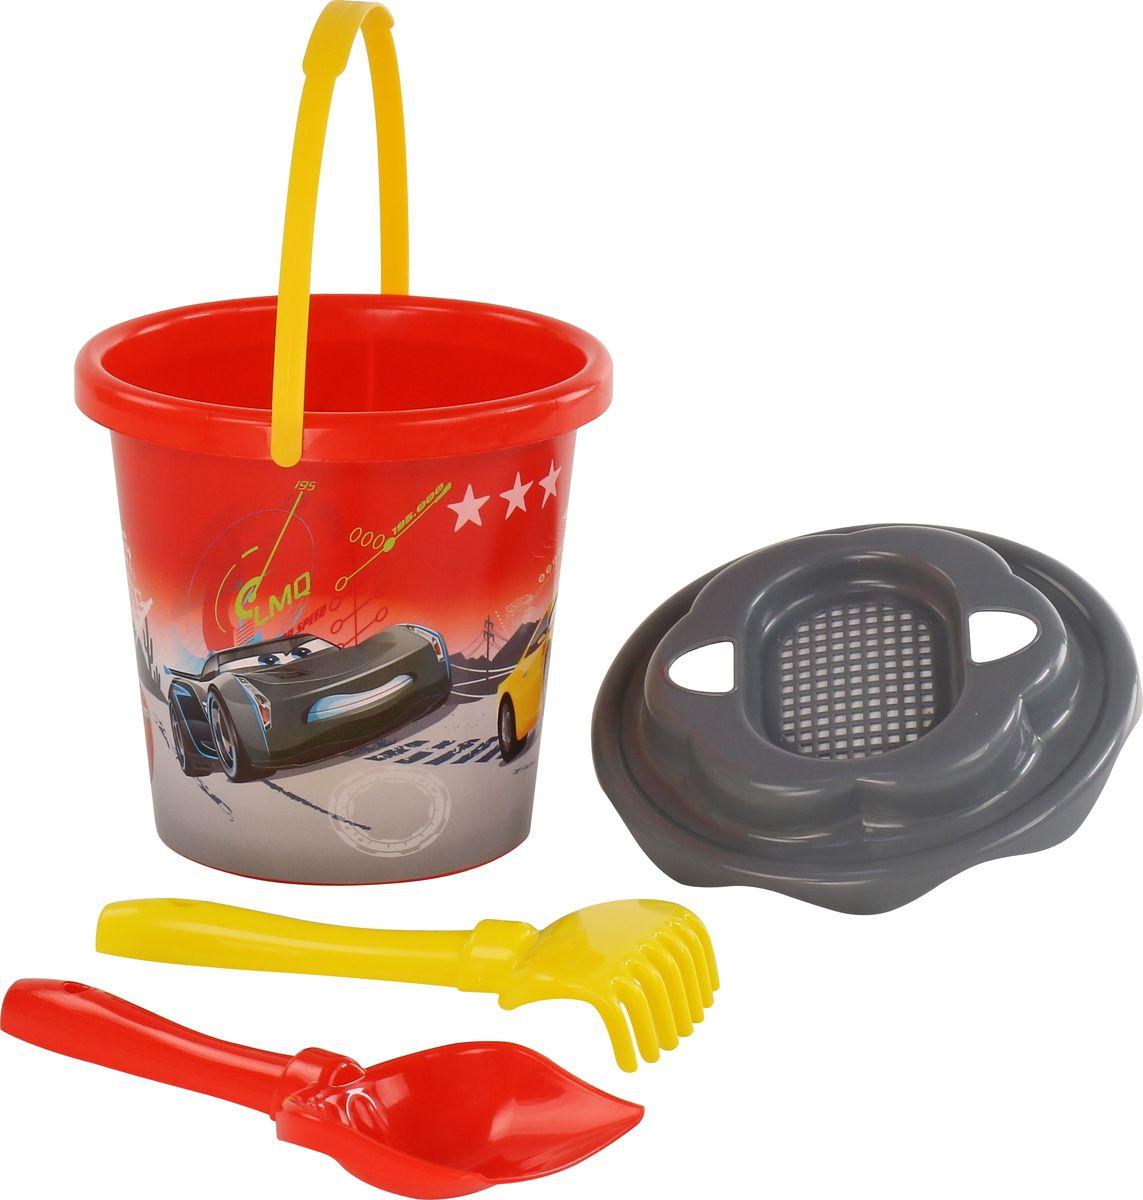 Disney / Pixar Набор игрушек для песочницы Тачки №19 disney pixar набор игрушек для песочницы тачки 20